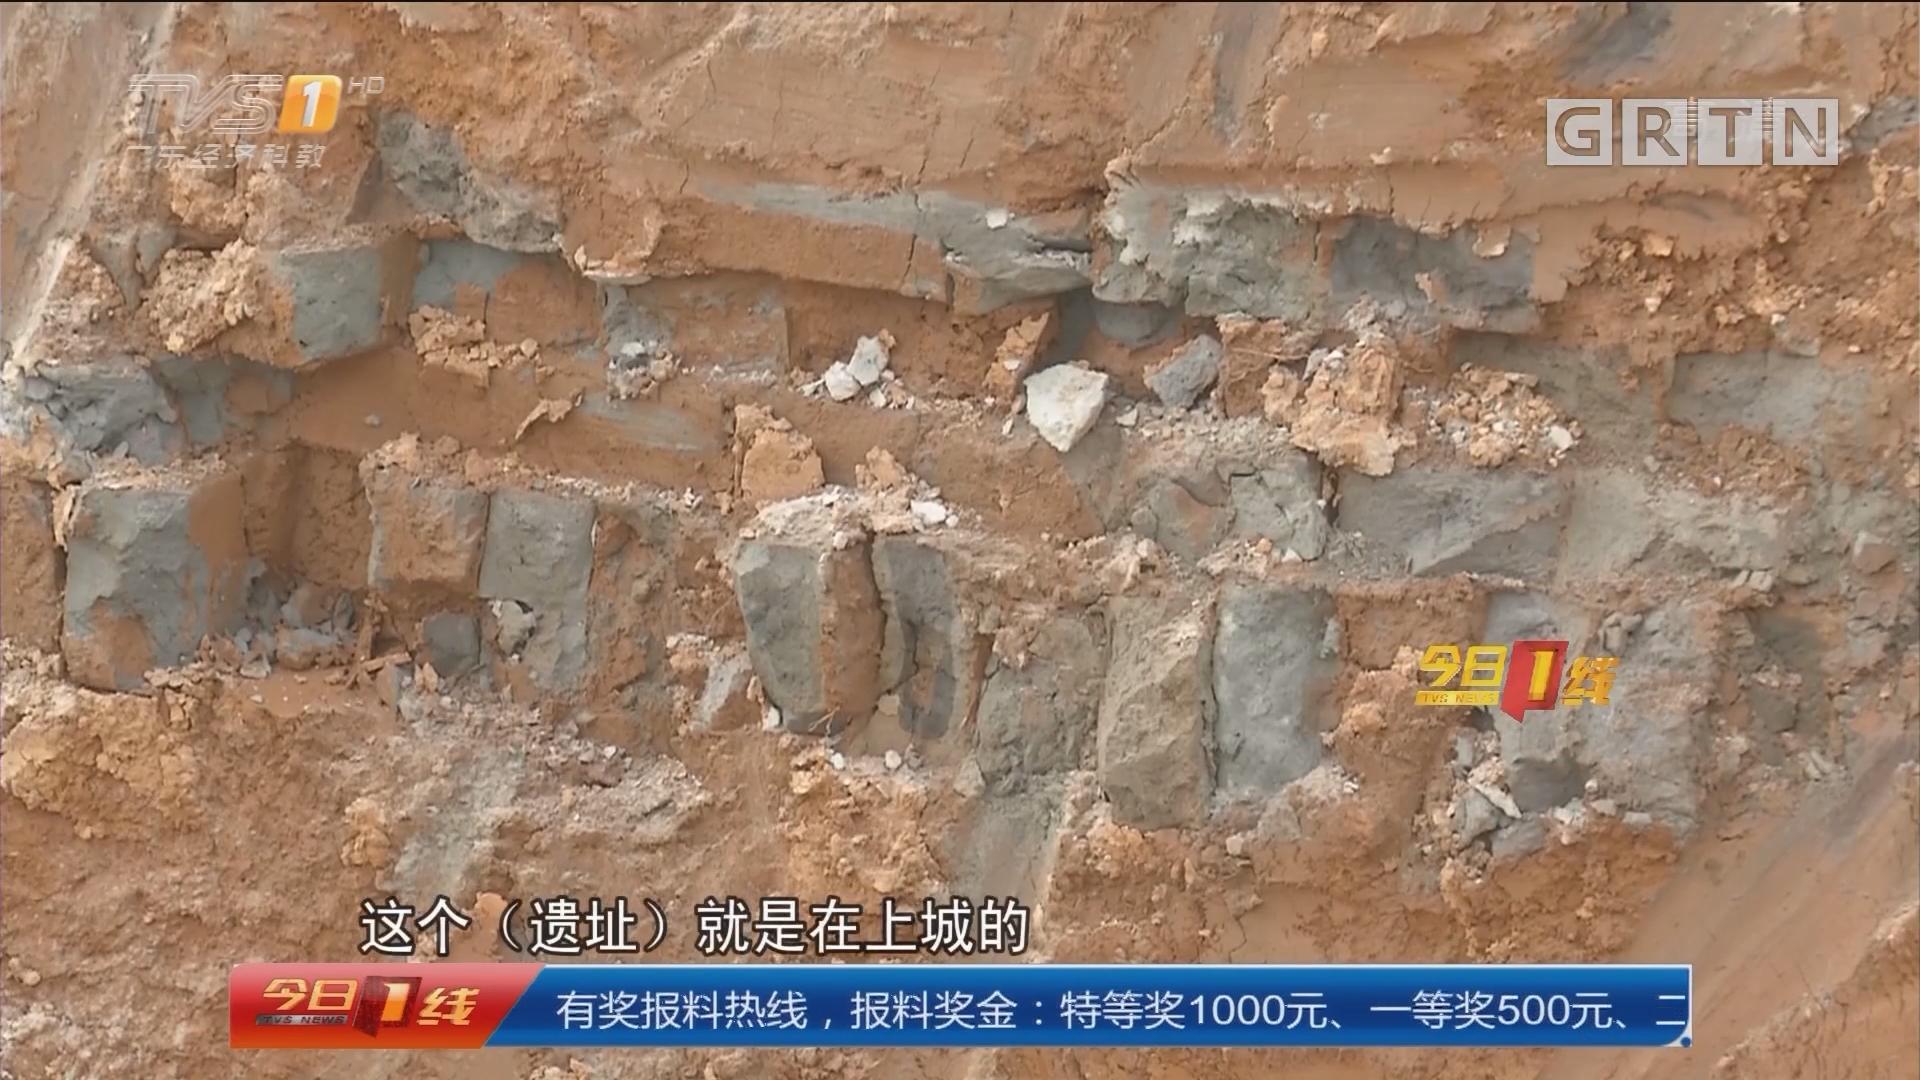 河源源城区:修路工地 惊现五百年前明城墙遗址